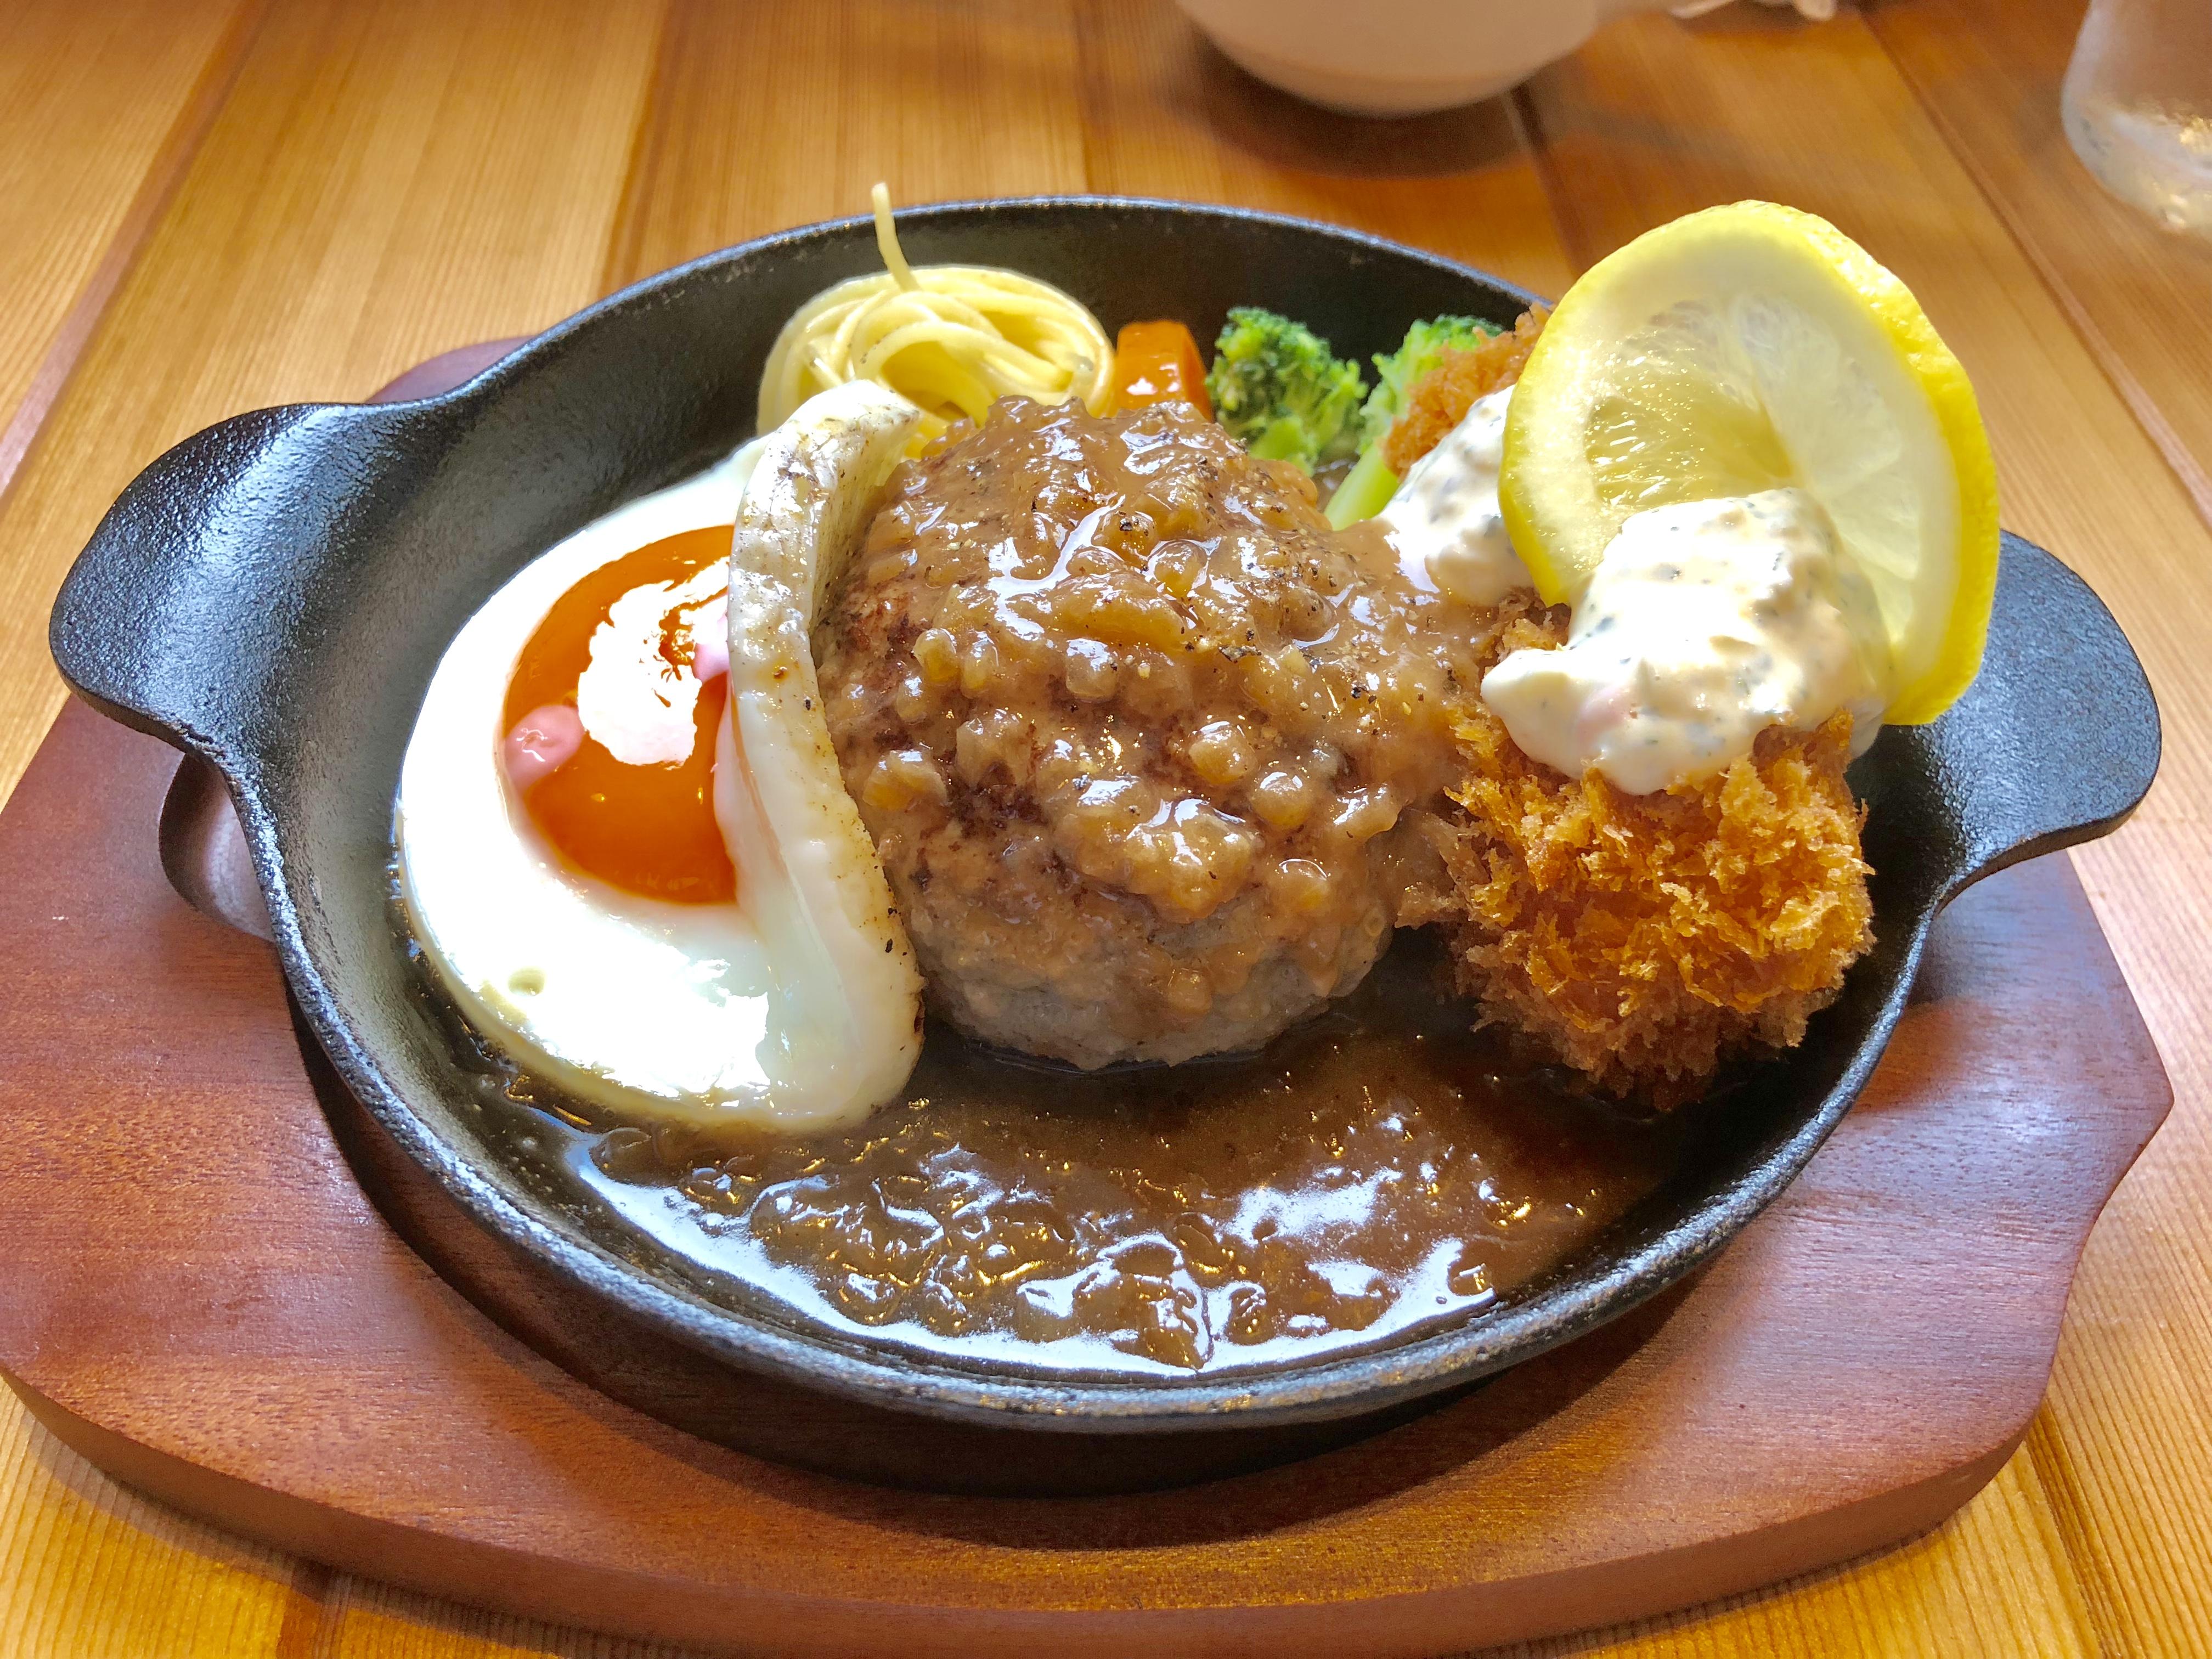 【肉汁の洪水】ハンバーグレストラン『lala』で食べた気まぐれランチが予想外に美味かった件